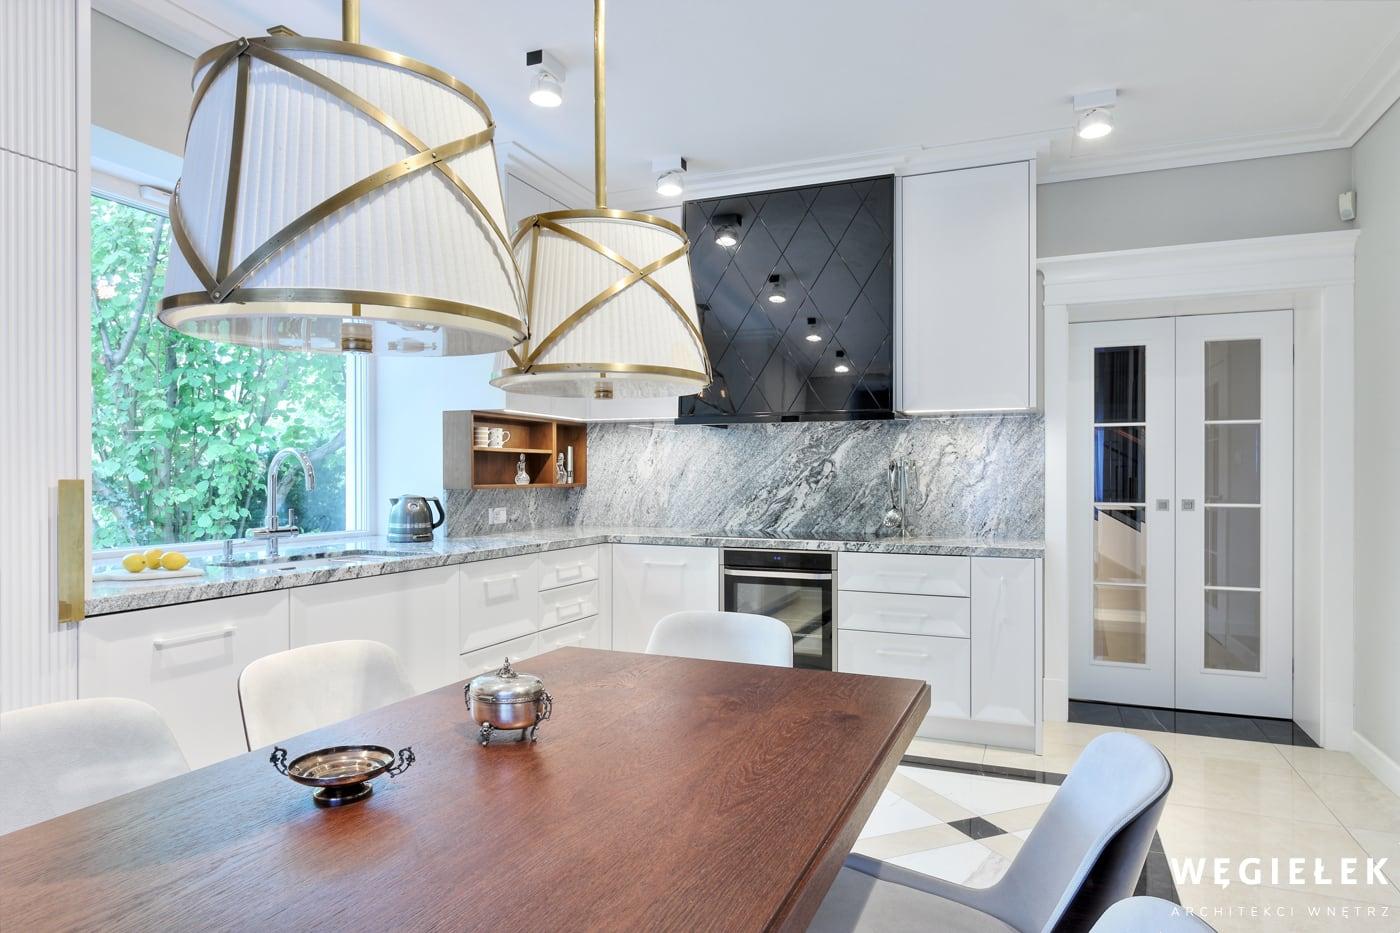 Kuchnia połączona z jadalnią stworzona przez projektanta domów, musi mieć dobrze oświetlone wnętrze. Można górne światła połączyć z dodatkowymi nad stołem.